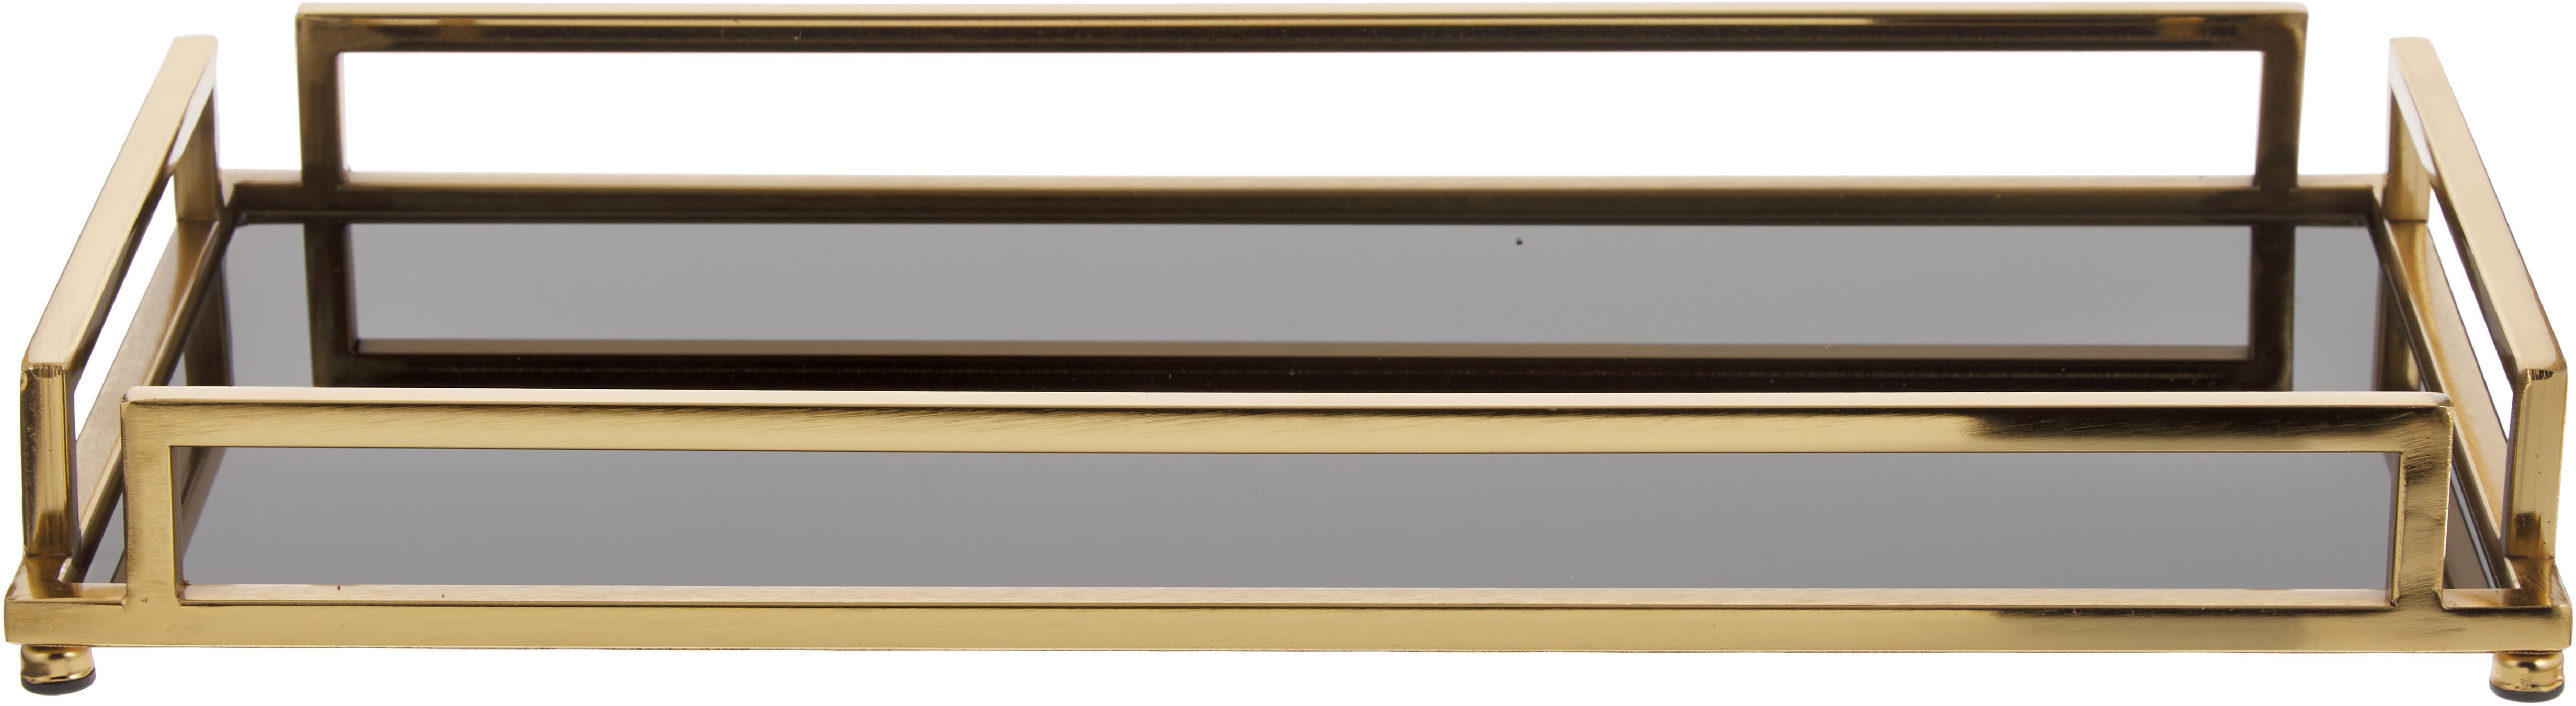 Bandeja decorativa Traika, Estante: vidrio, Latón, negro, An 50 x Al 6 cm